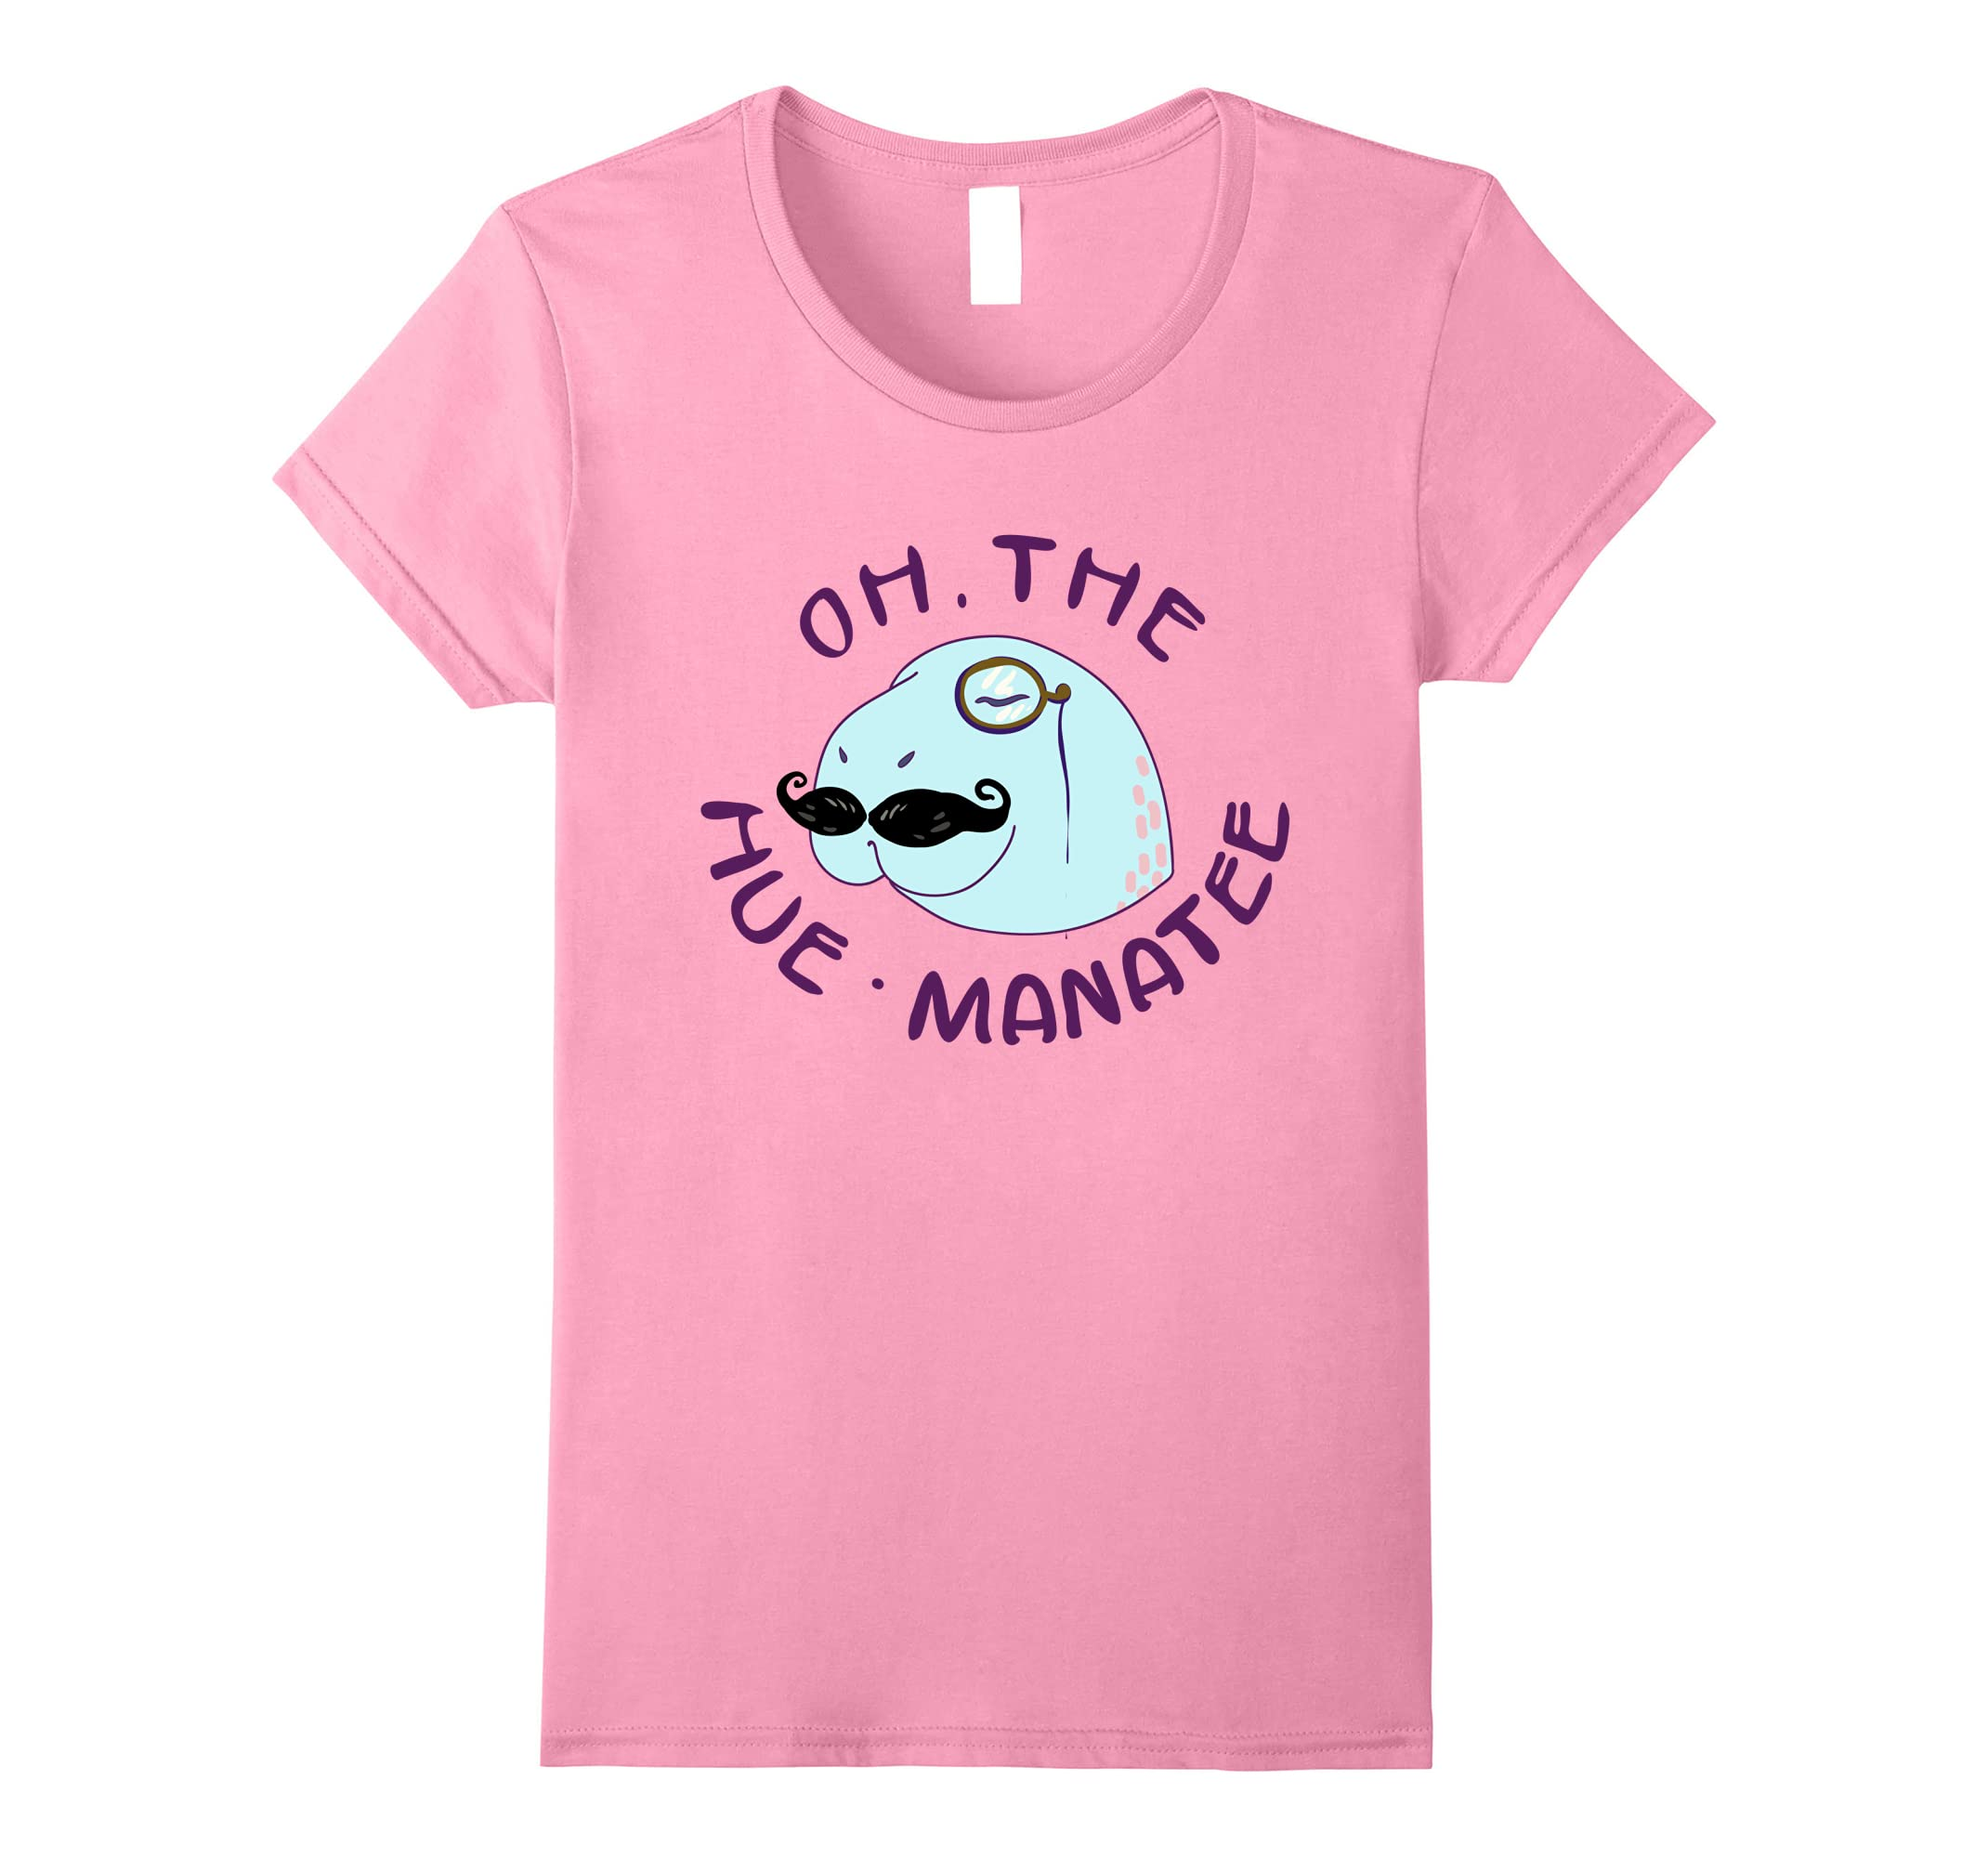 Oh Hue Manatee Funny Shirt-Tovacu